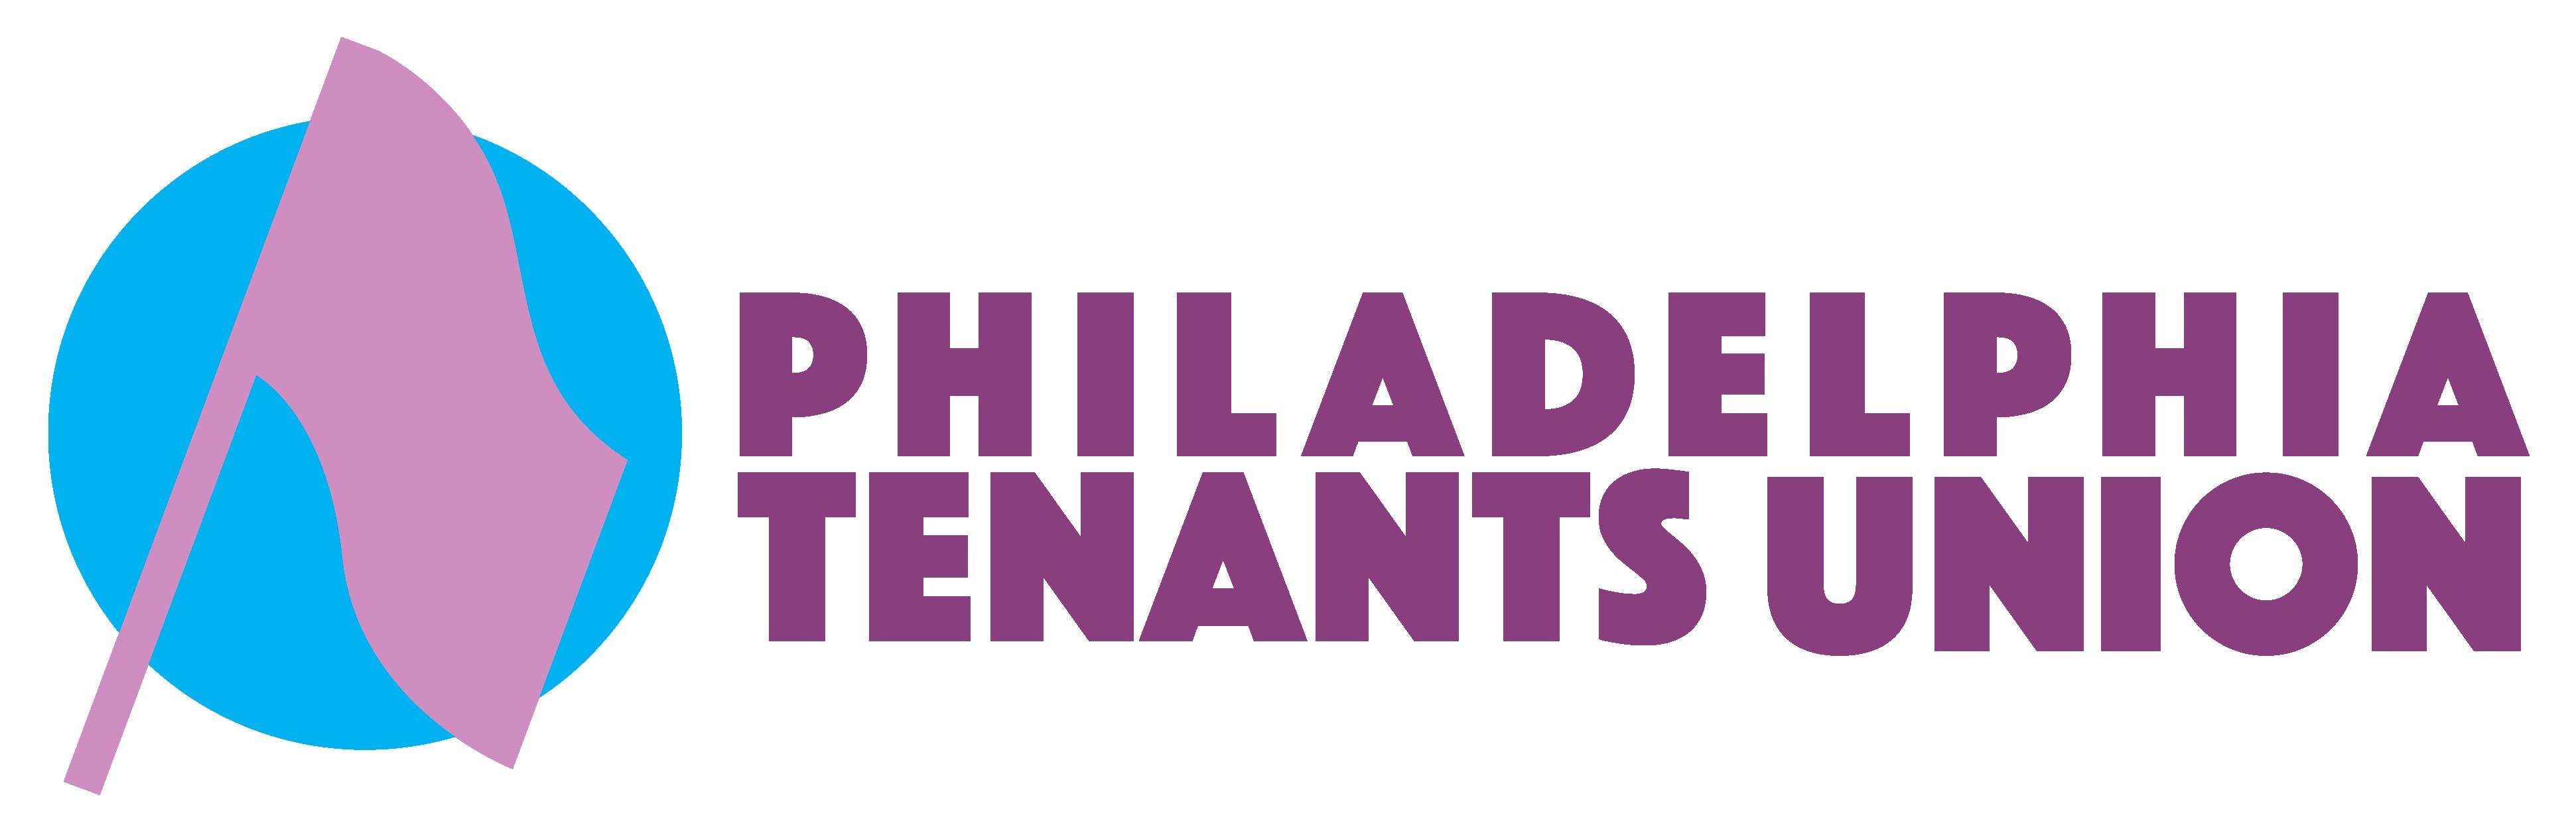 Philadelphia Tenants Union